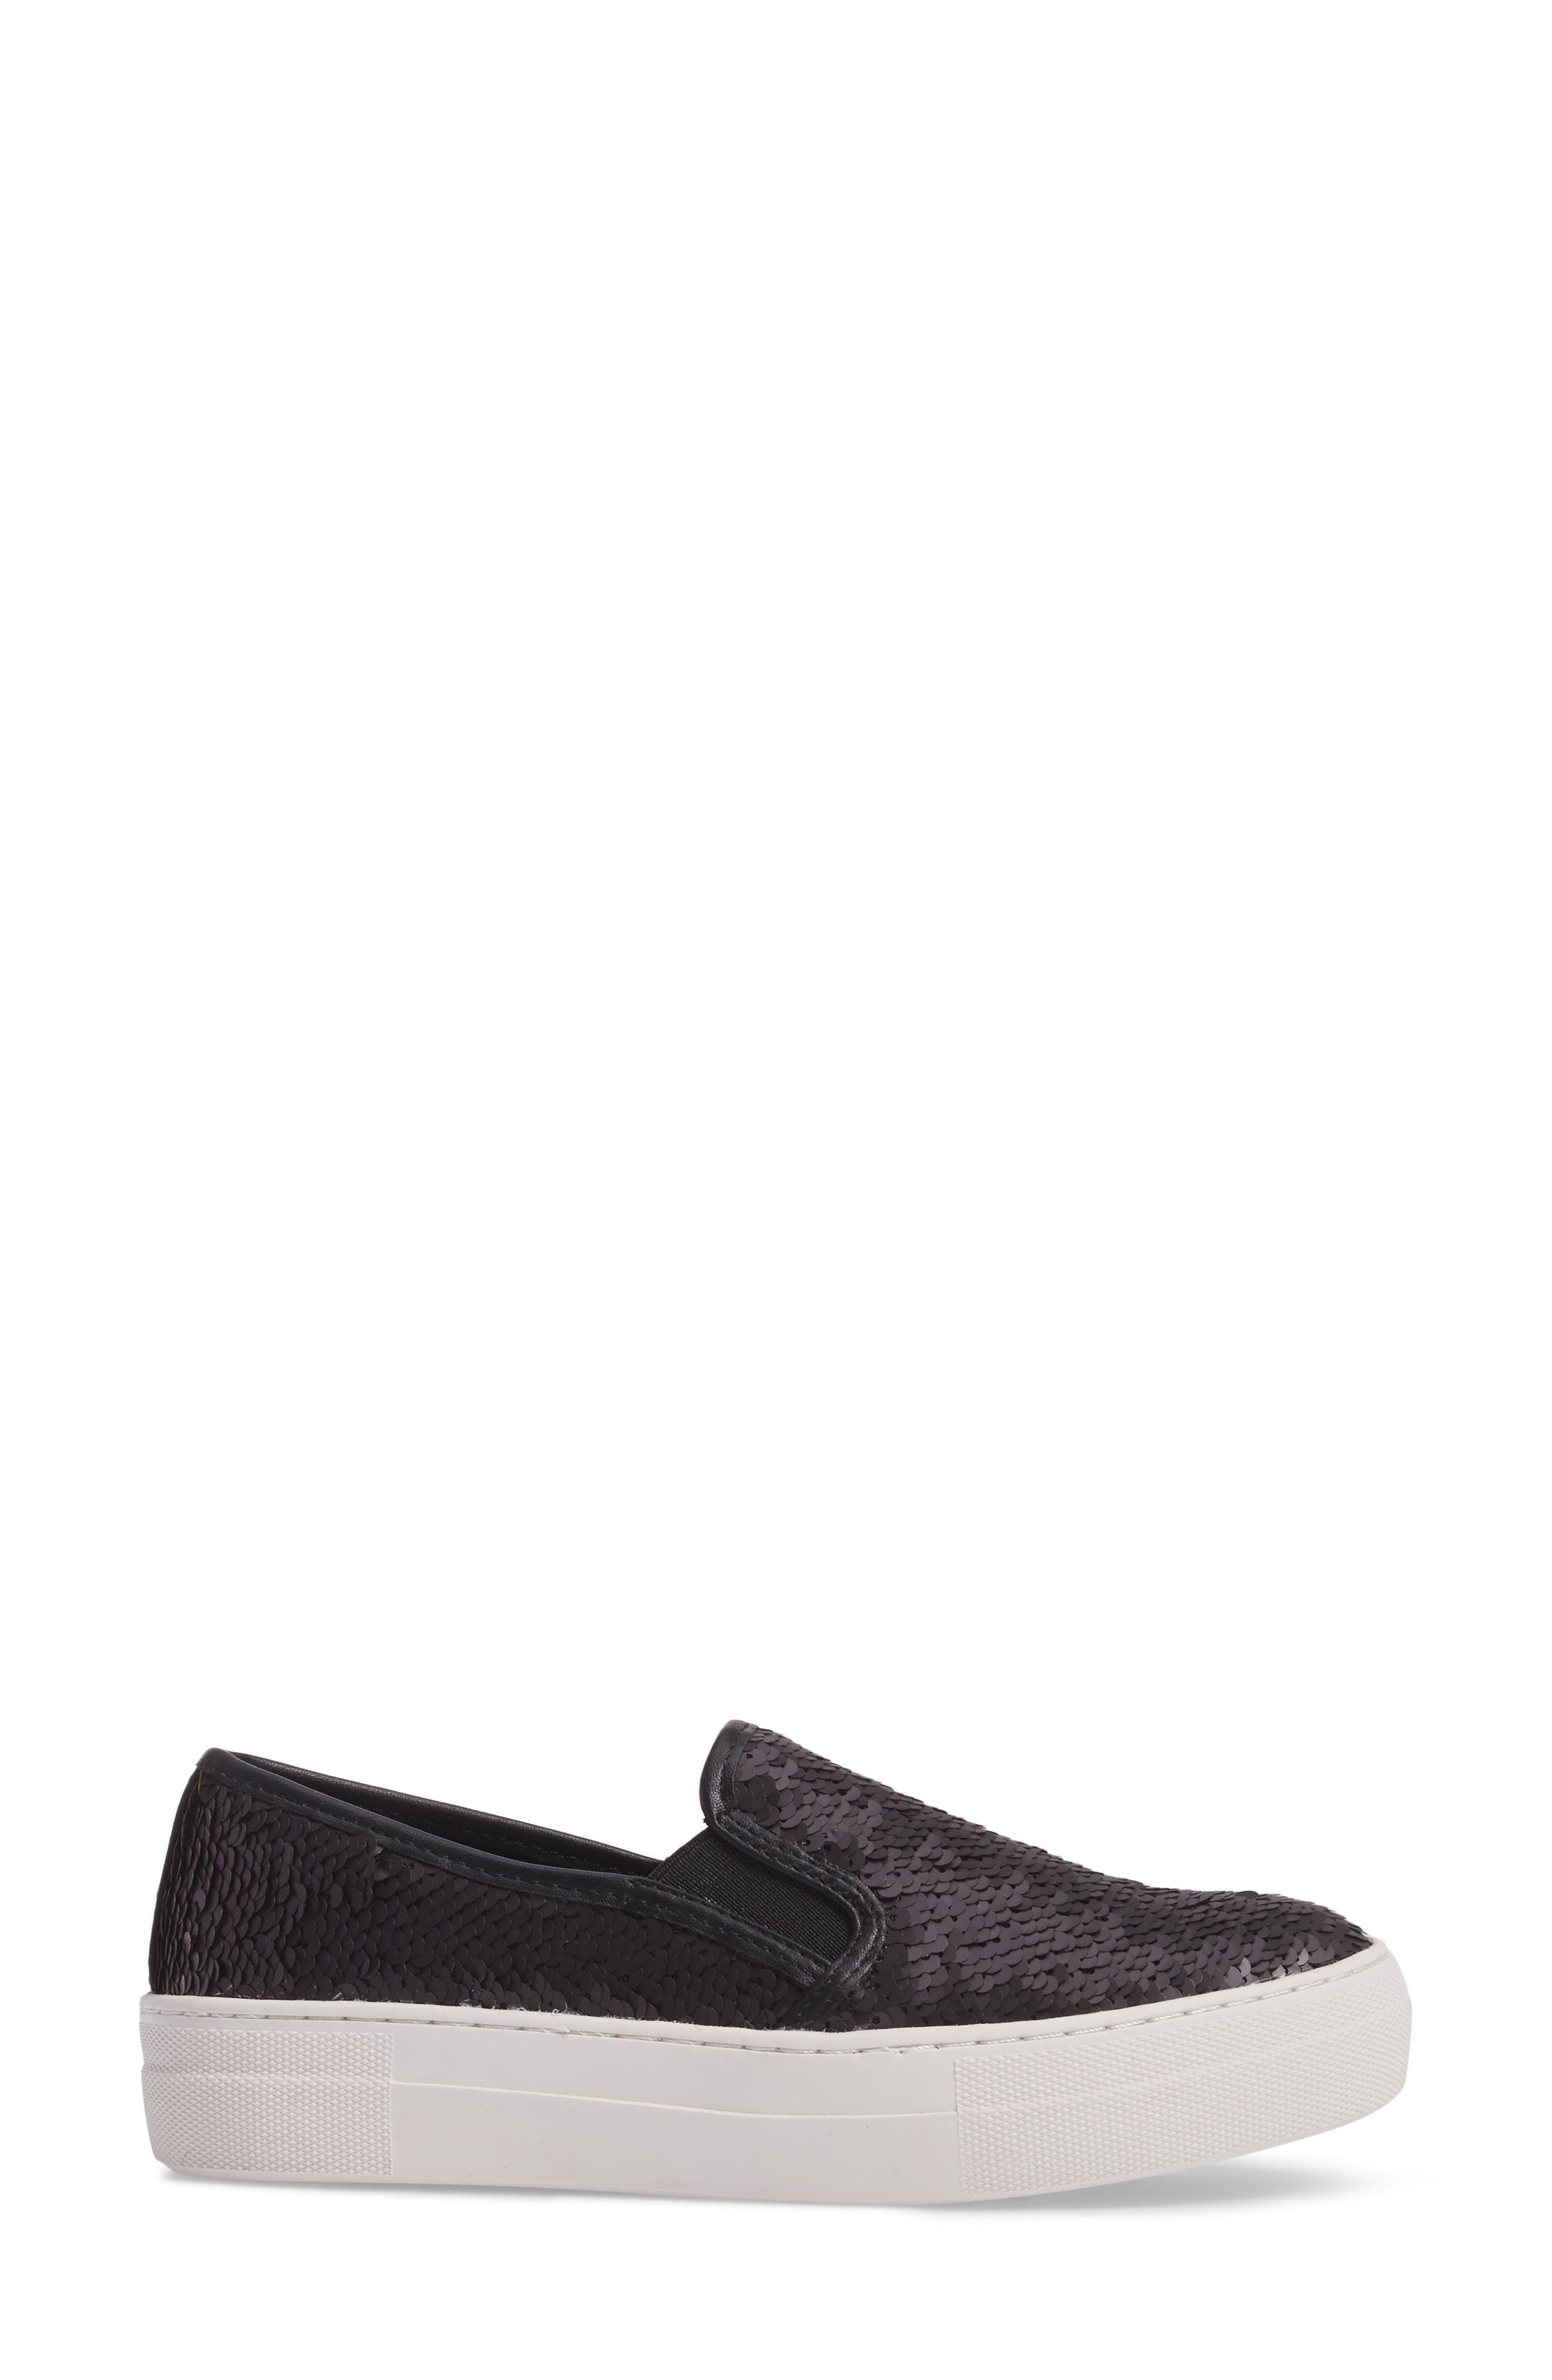 Gills Sequined Slip-On Platform Sneaker,                             Alternate thumbnail 5, color,